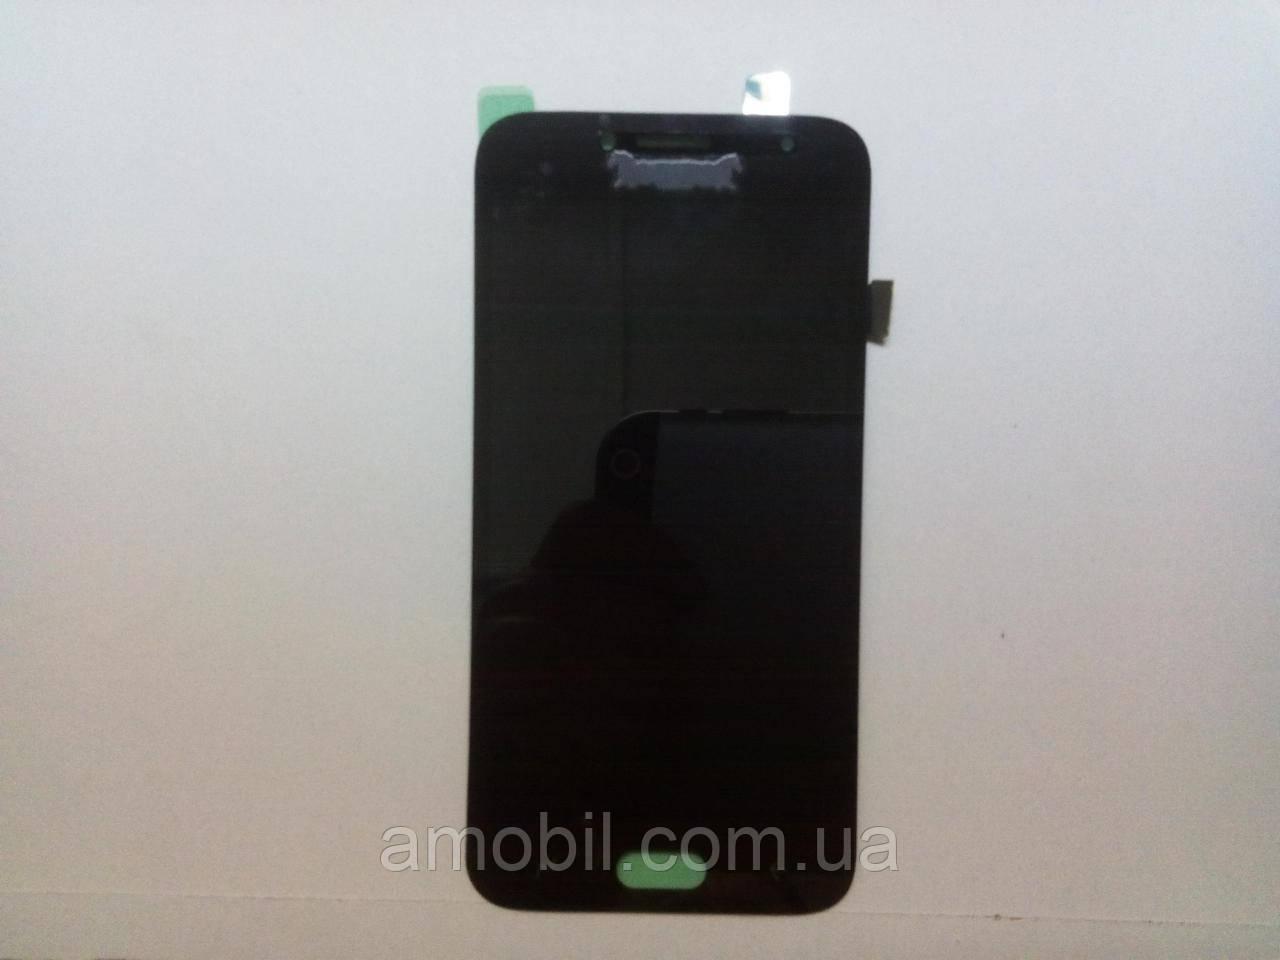 Дисплей Samsung (с регулировкой подсветки TFT) J250 / J250F/ J250G / J250M Galaxy J2 (2018) black